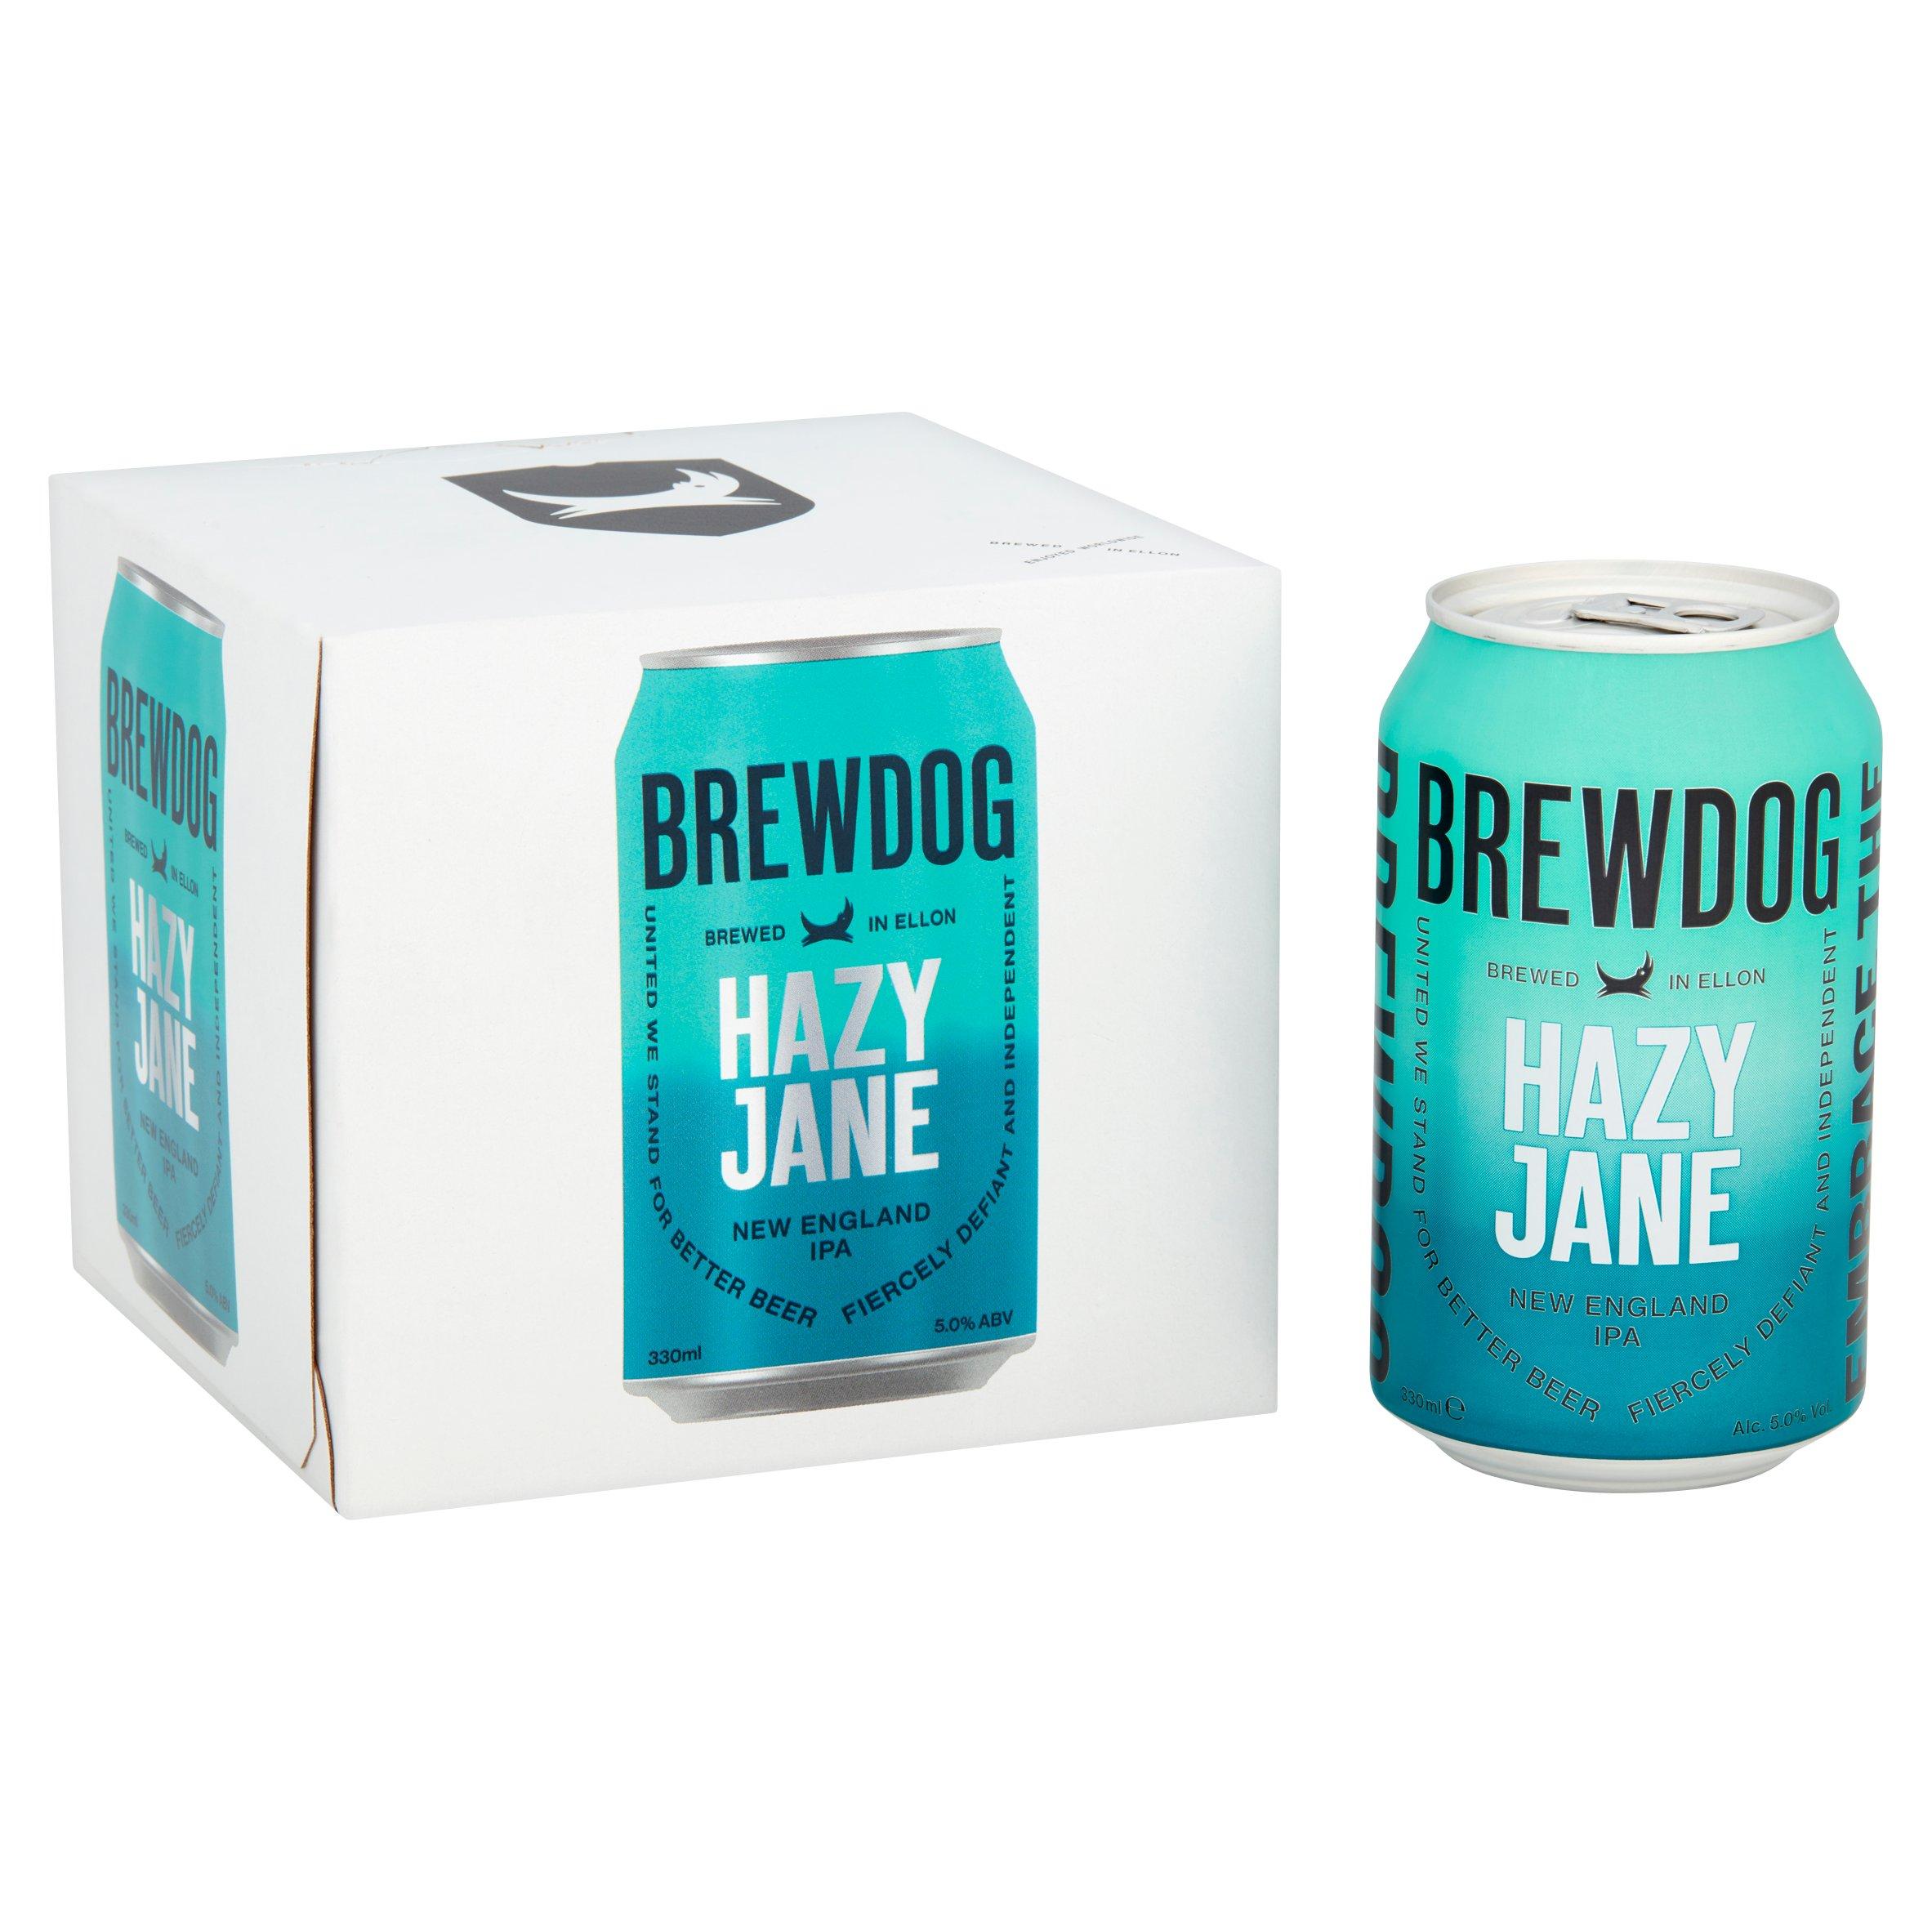 Brewdog Hazy Jane New England Ipa 4X330ml Can - £4.50 with Clubcard @ Tesco